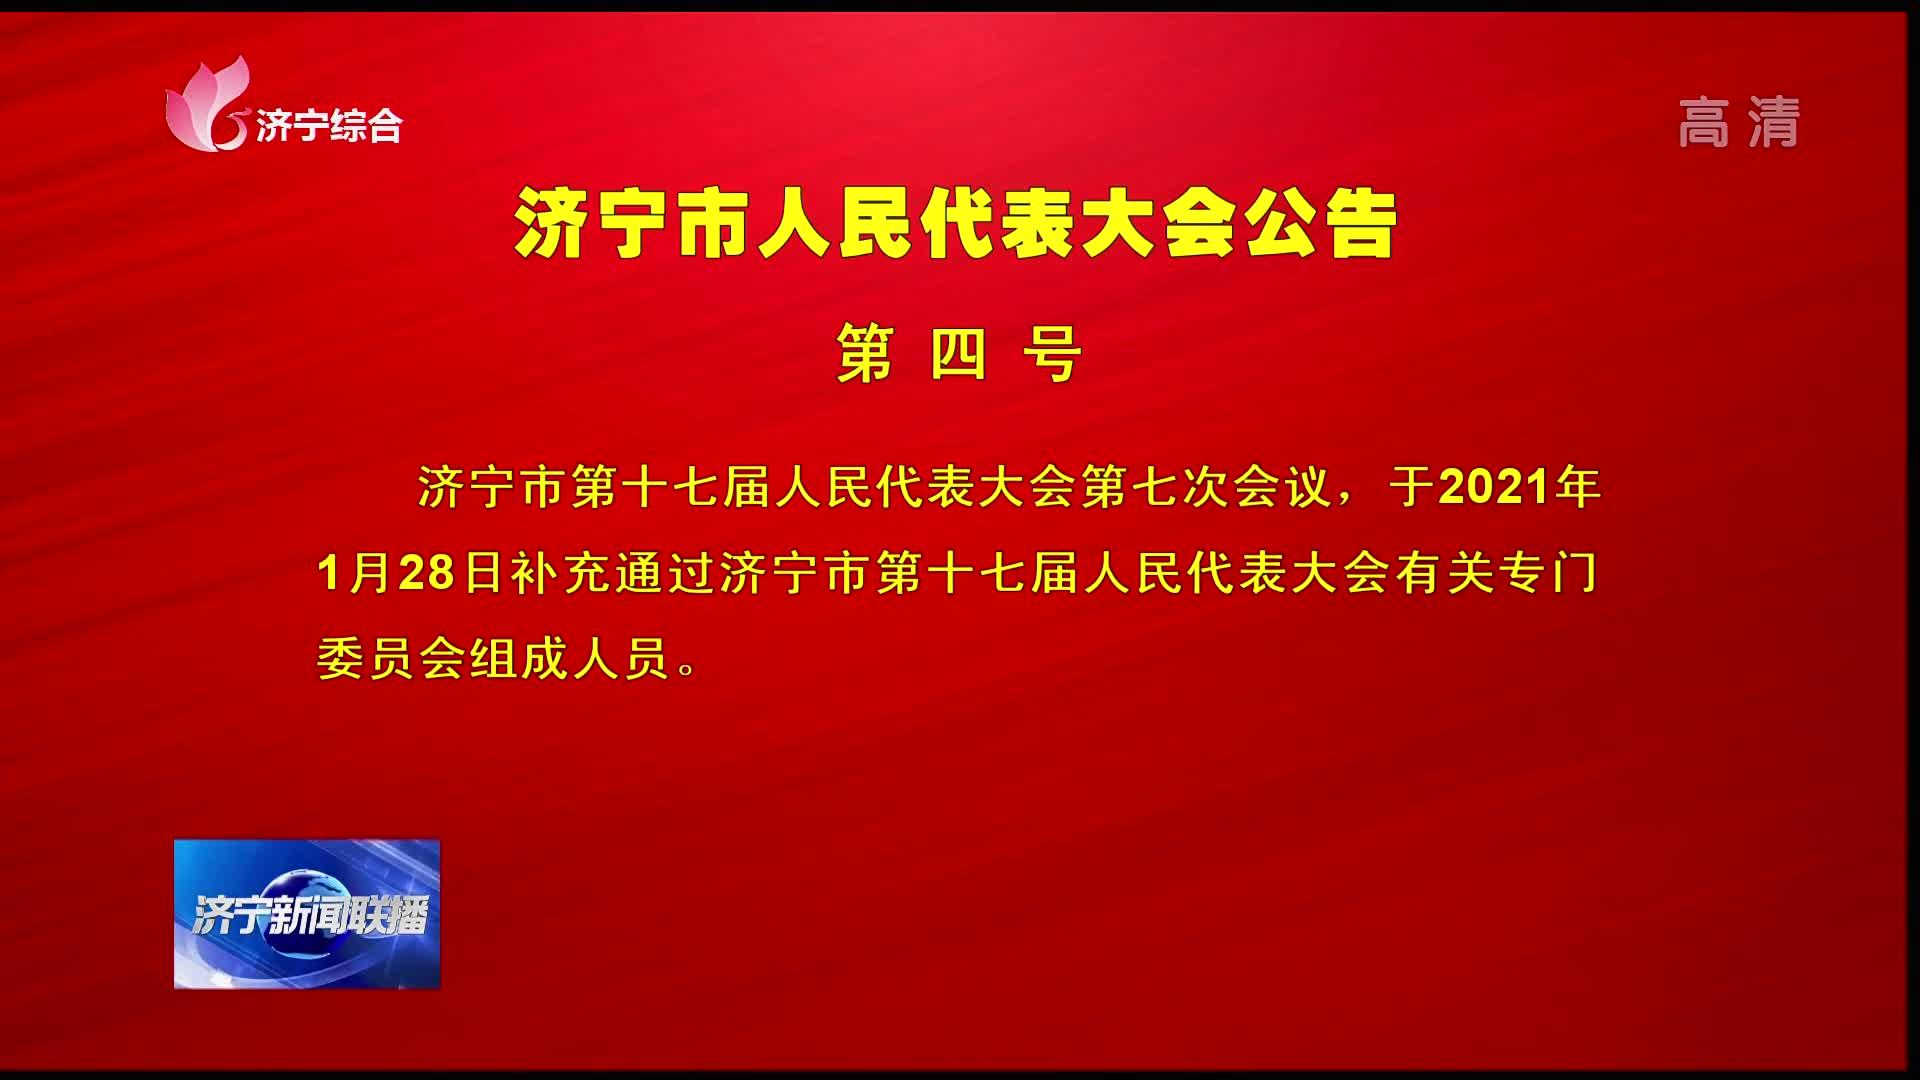 济宁市人民代表大会公告第四号